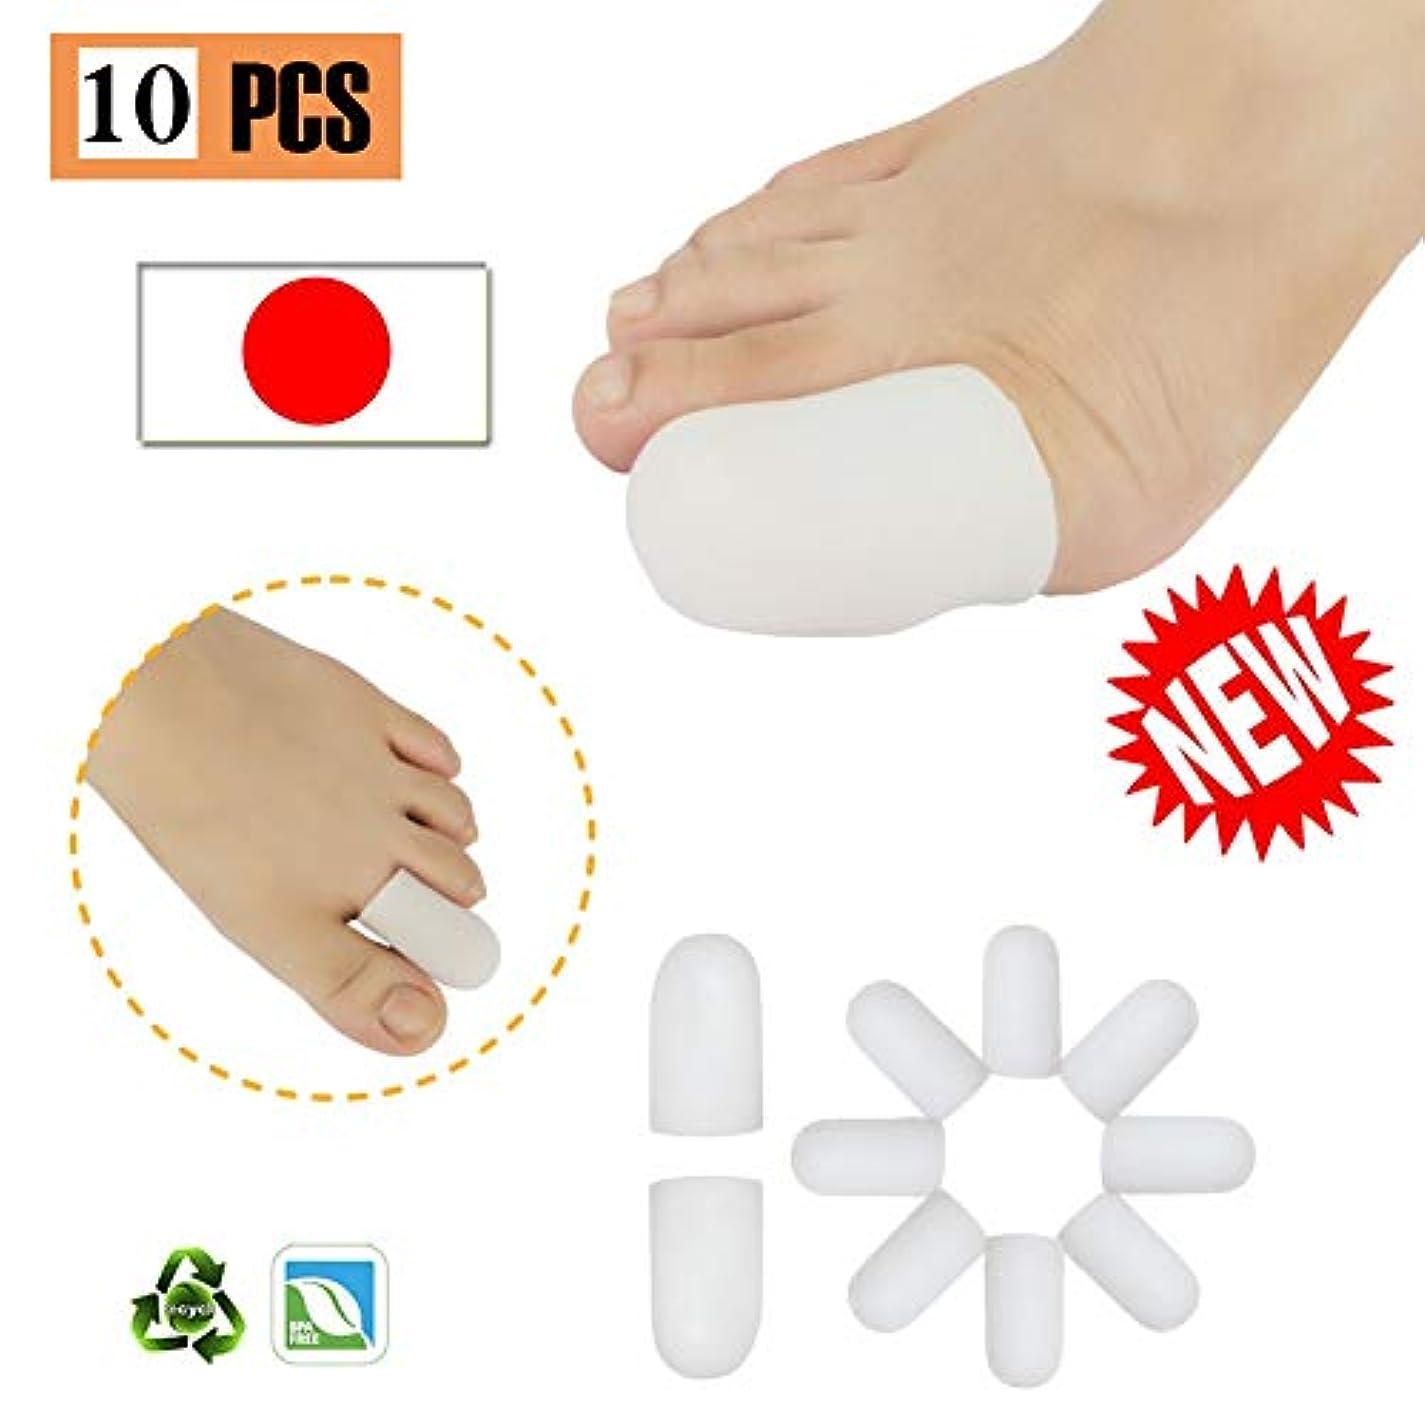 瞳責め絶対にPnrskter ジェル 足指 キャップ プロテクター 水疱用、つま先保護摩擦疼痛緩和10個入り